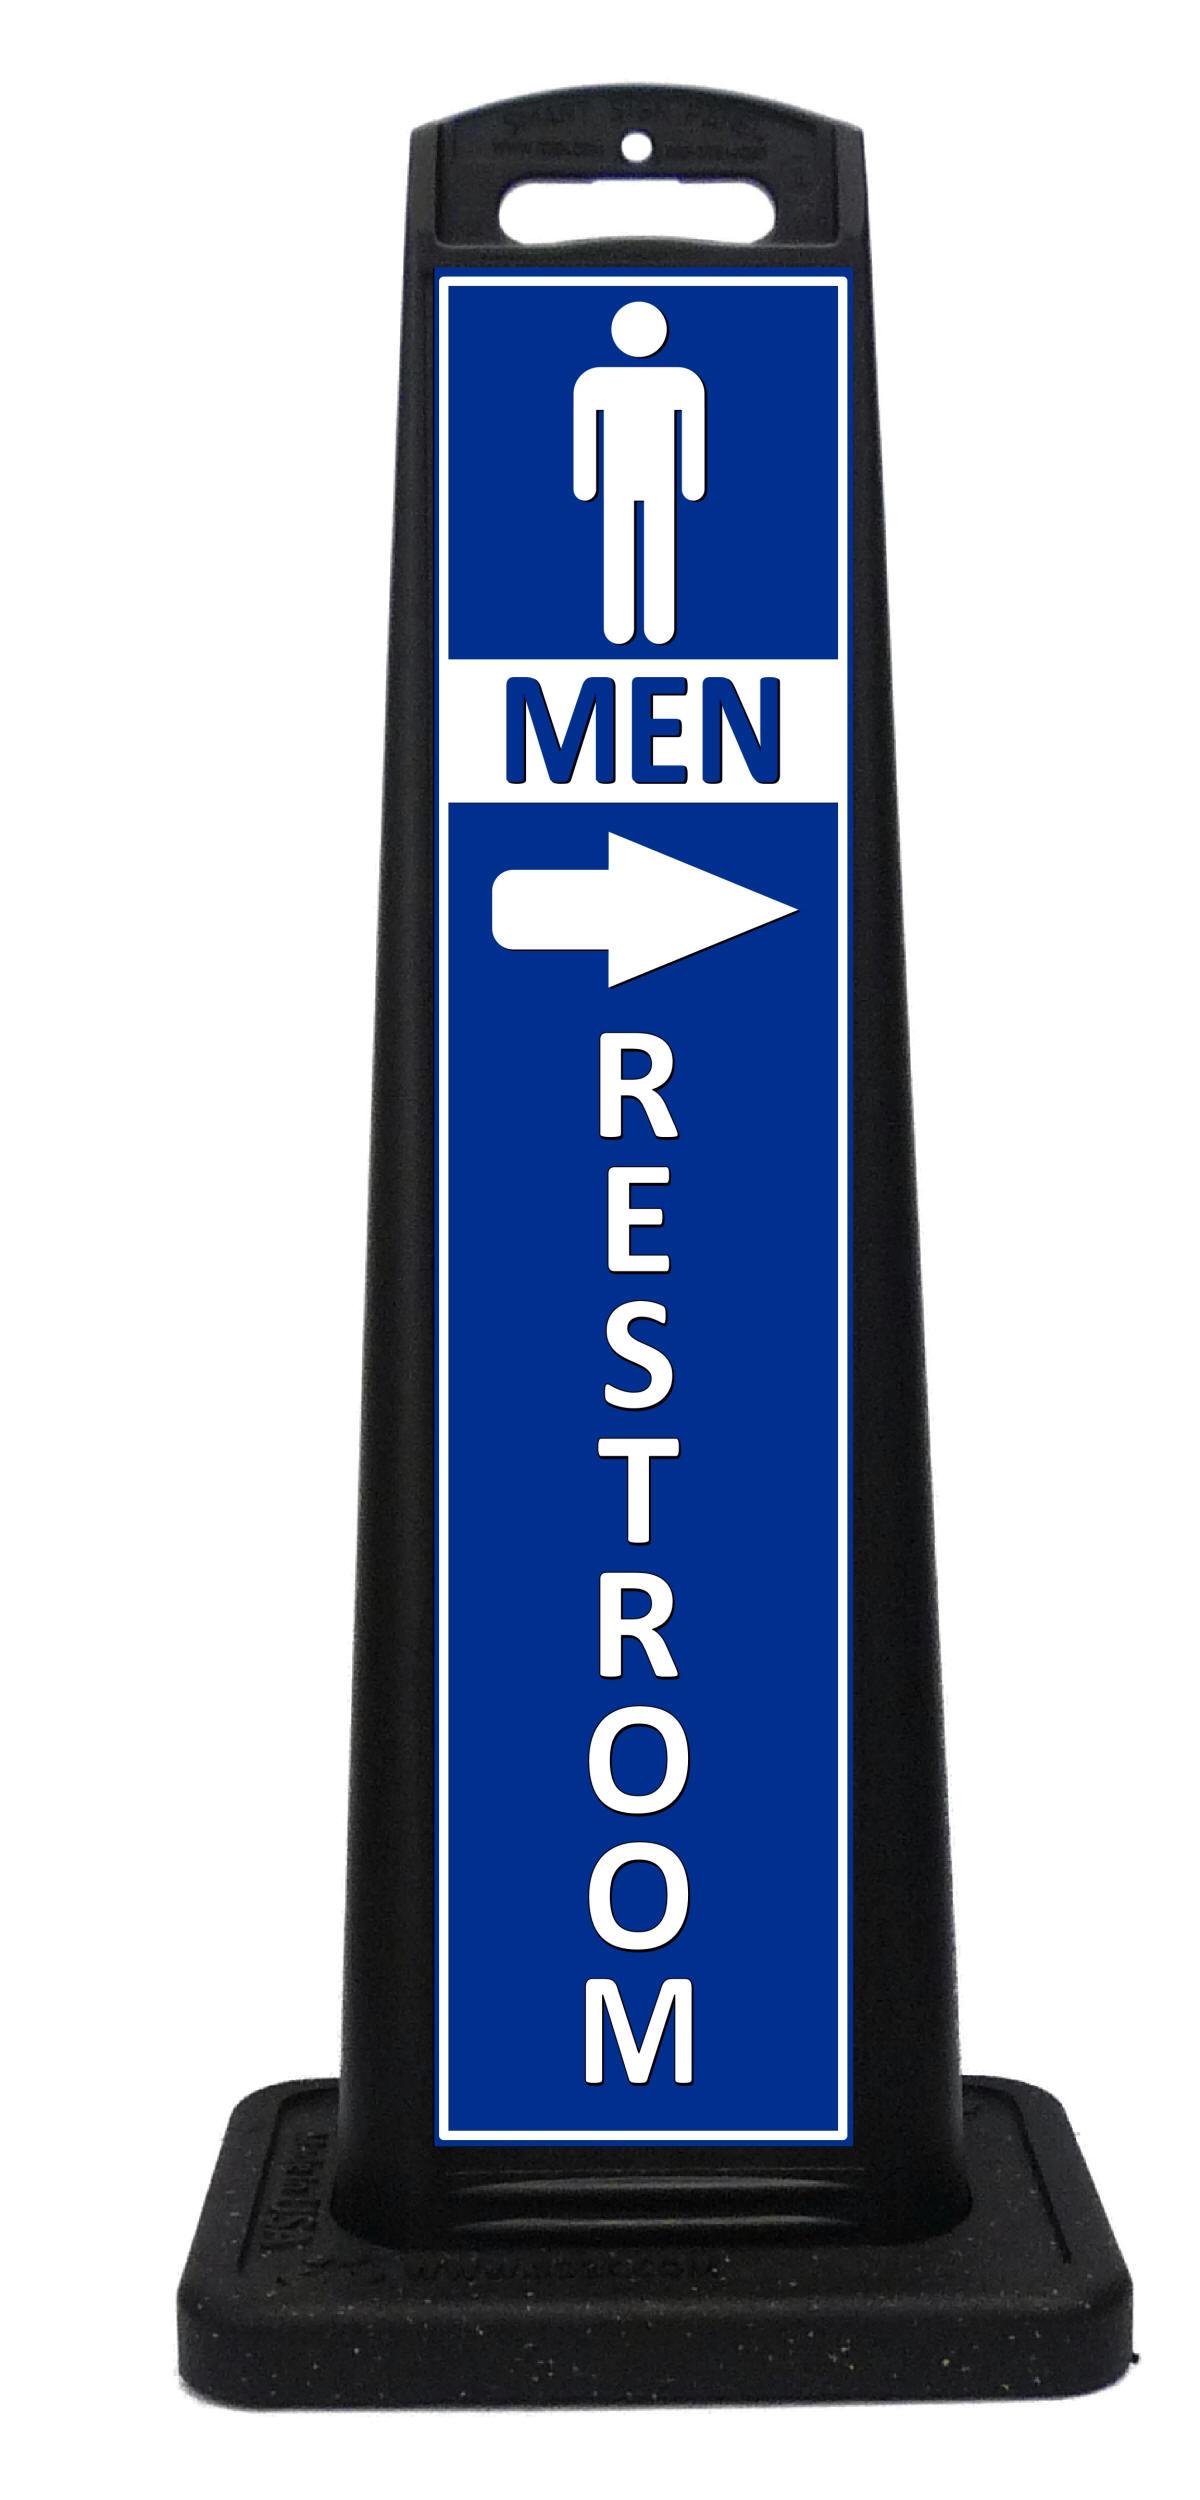 Portable Restroom Signs